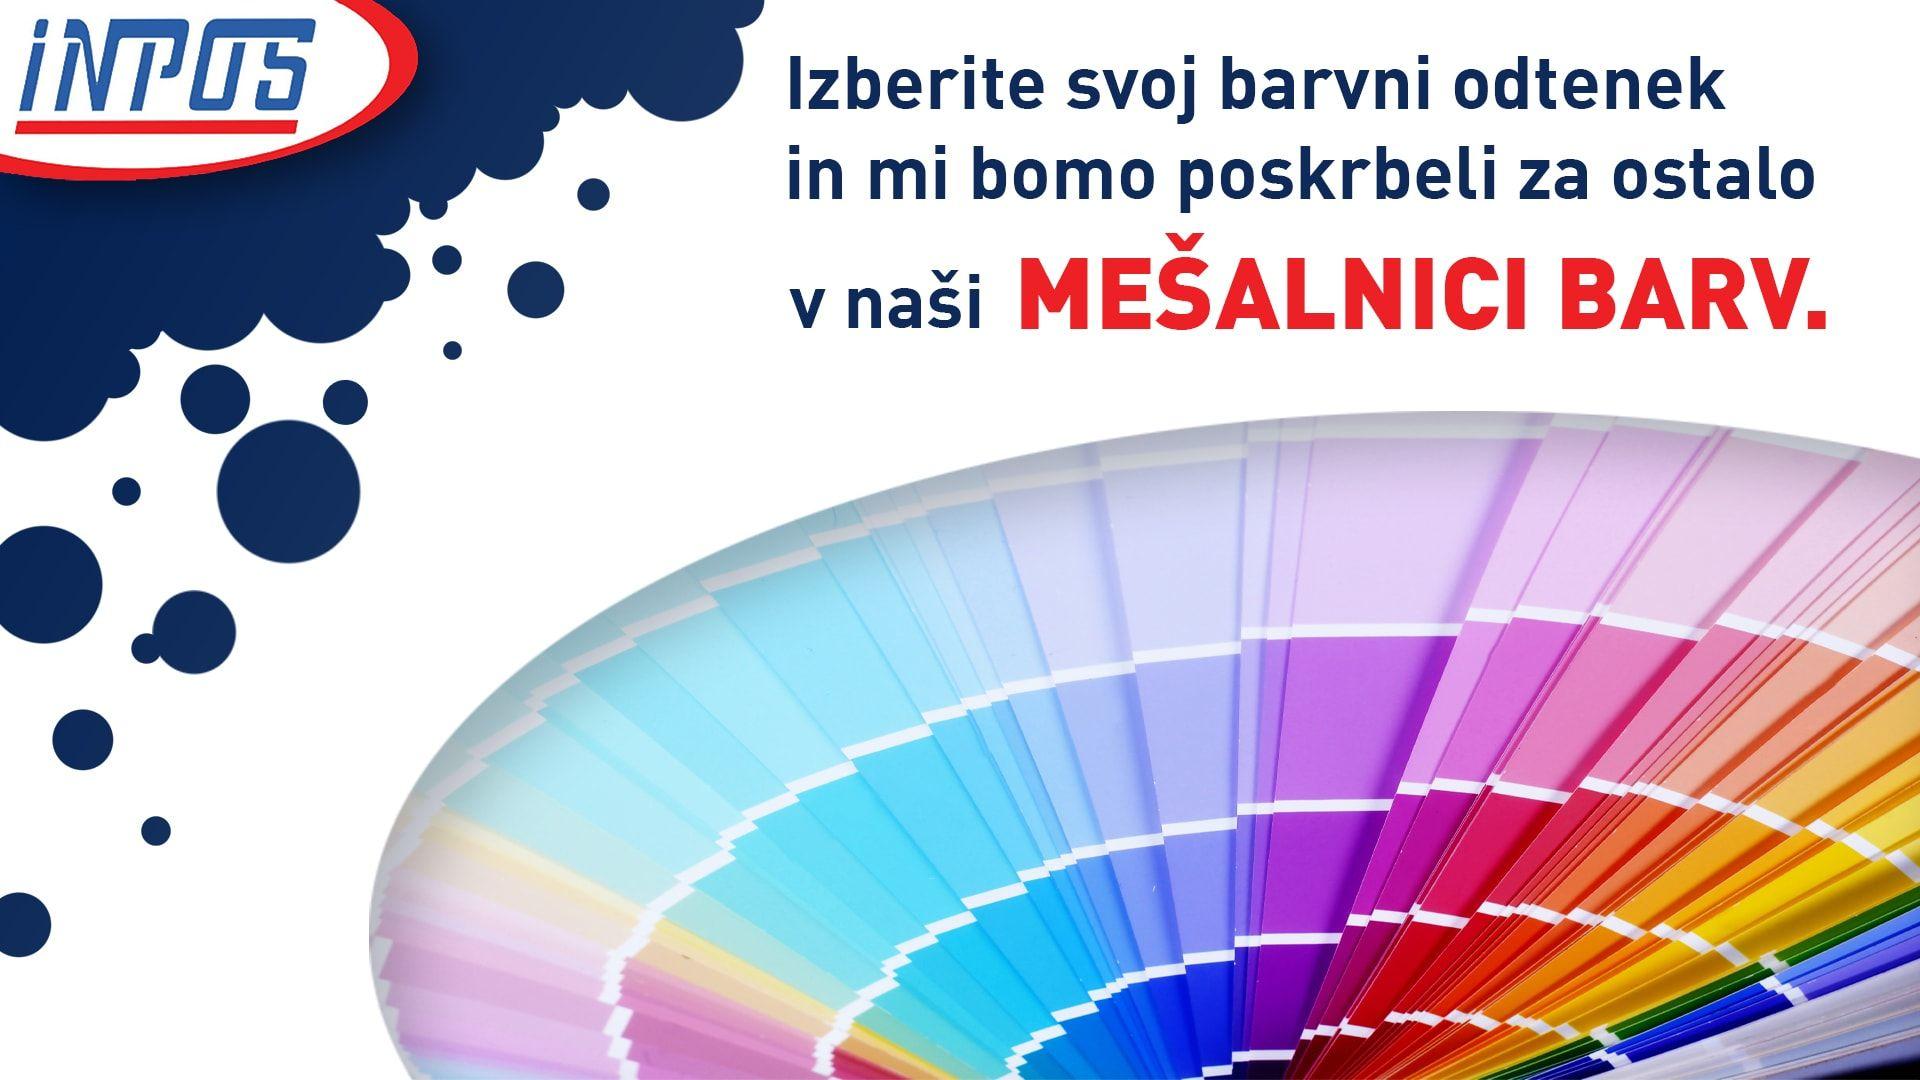 Mesanje barv